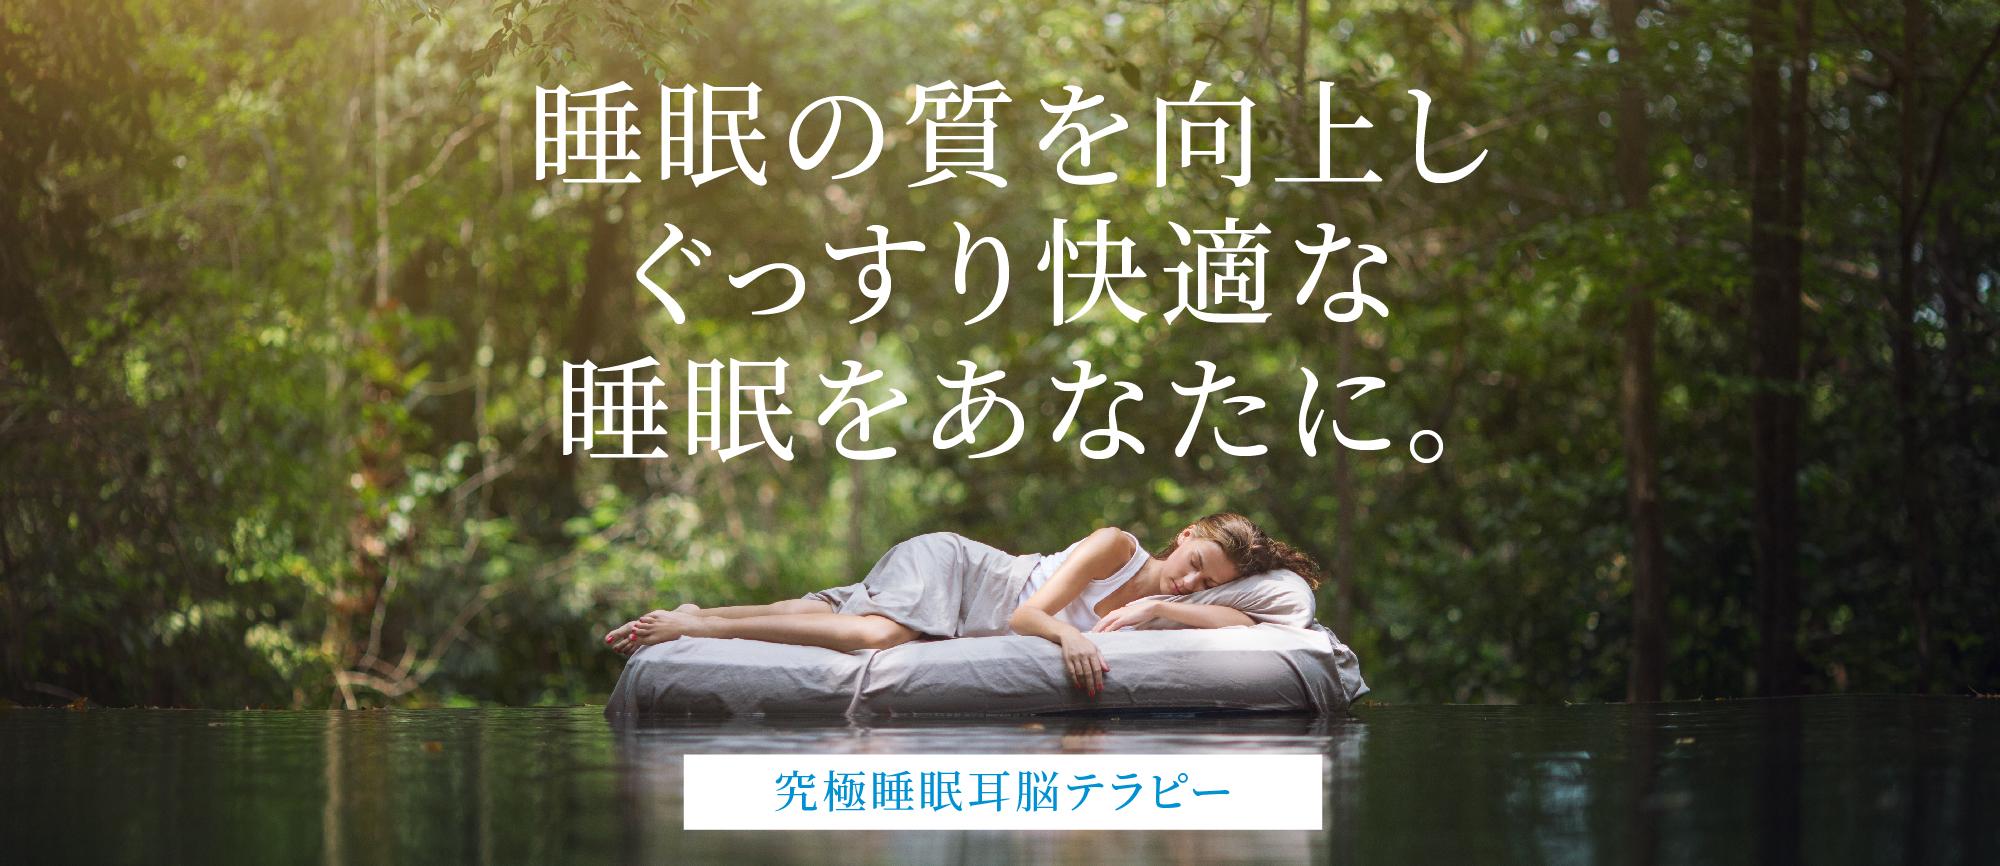 睡眠の質を向上しぐっすり快適な睡眠をあなたに。「究極睡眠耳脳テラピー」